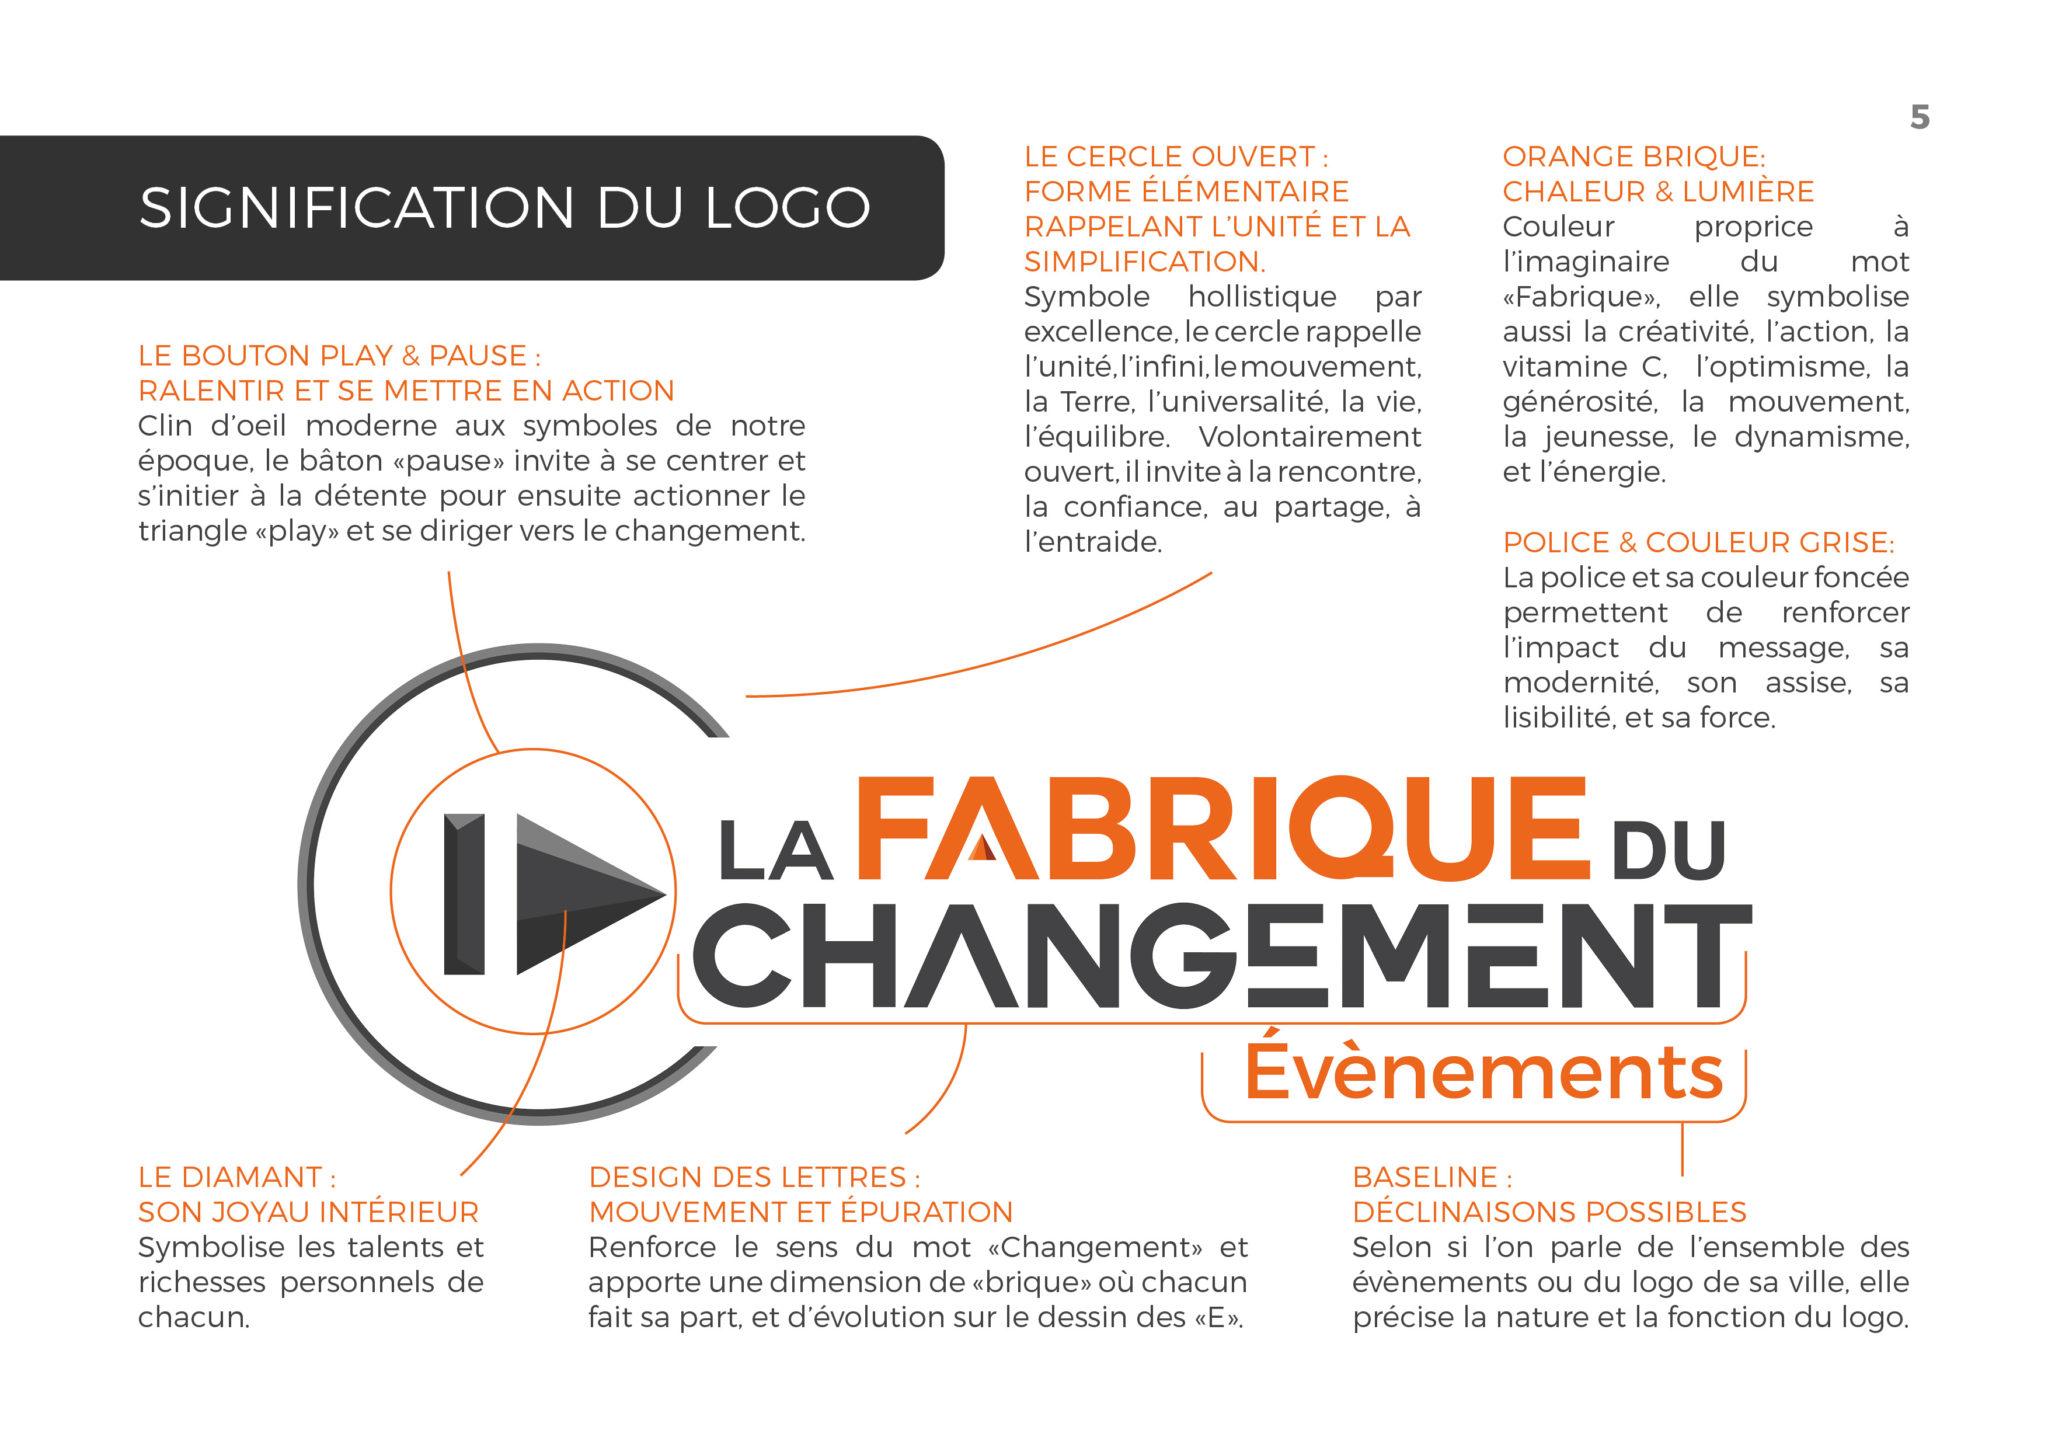 extrait pour la charte graphique pour la Fabrique du Changement page 5 explication du logo par Margot Huguet